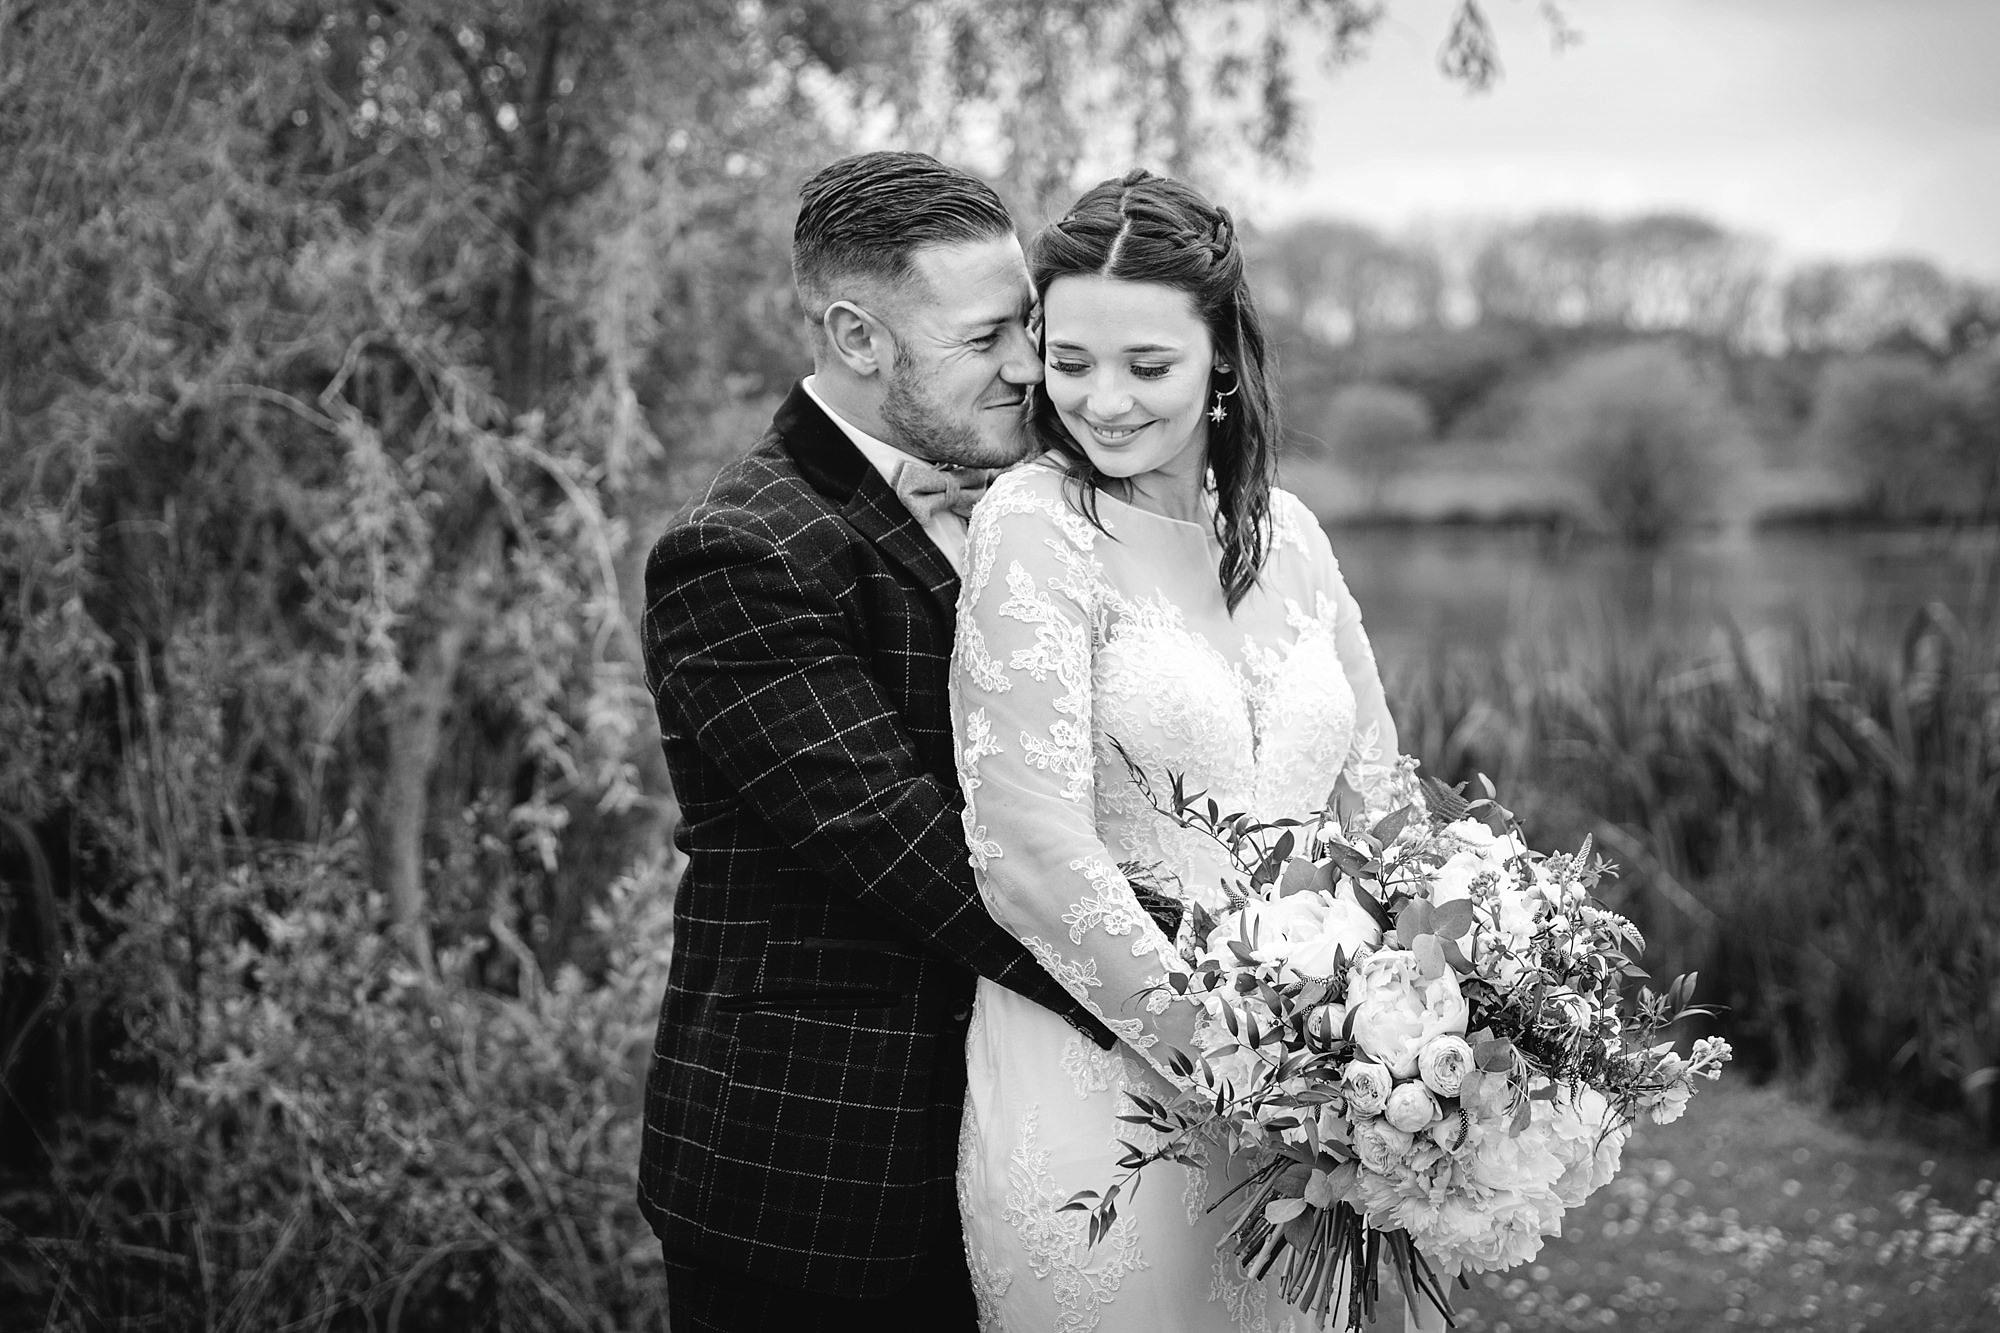 humanist wedding old greens barn groom hugging bride by lake